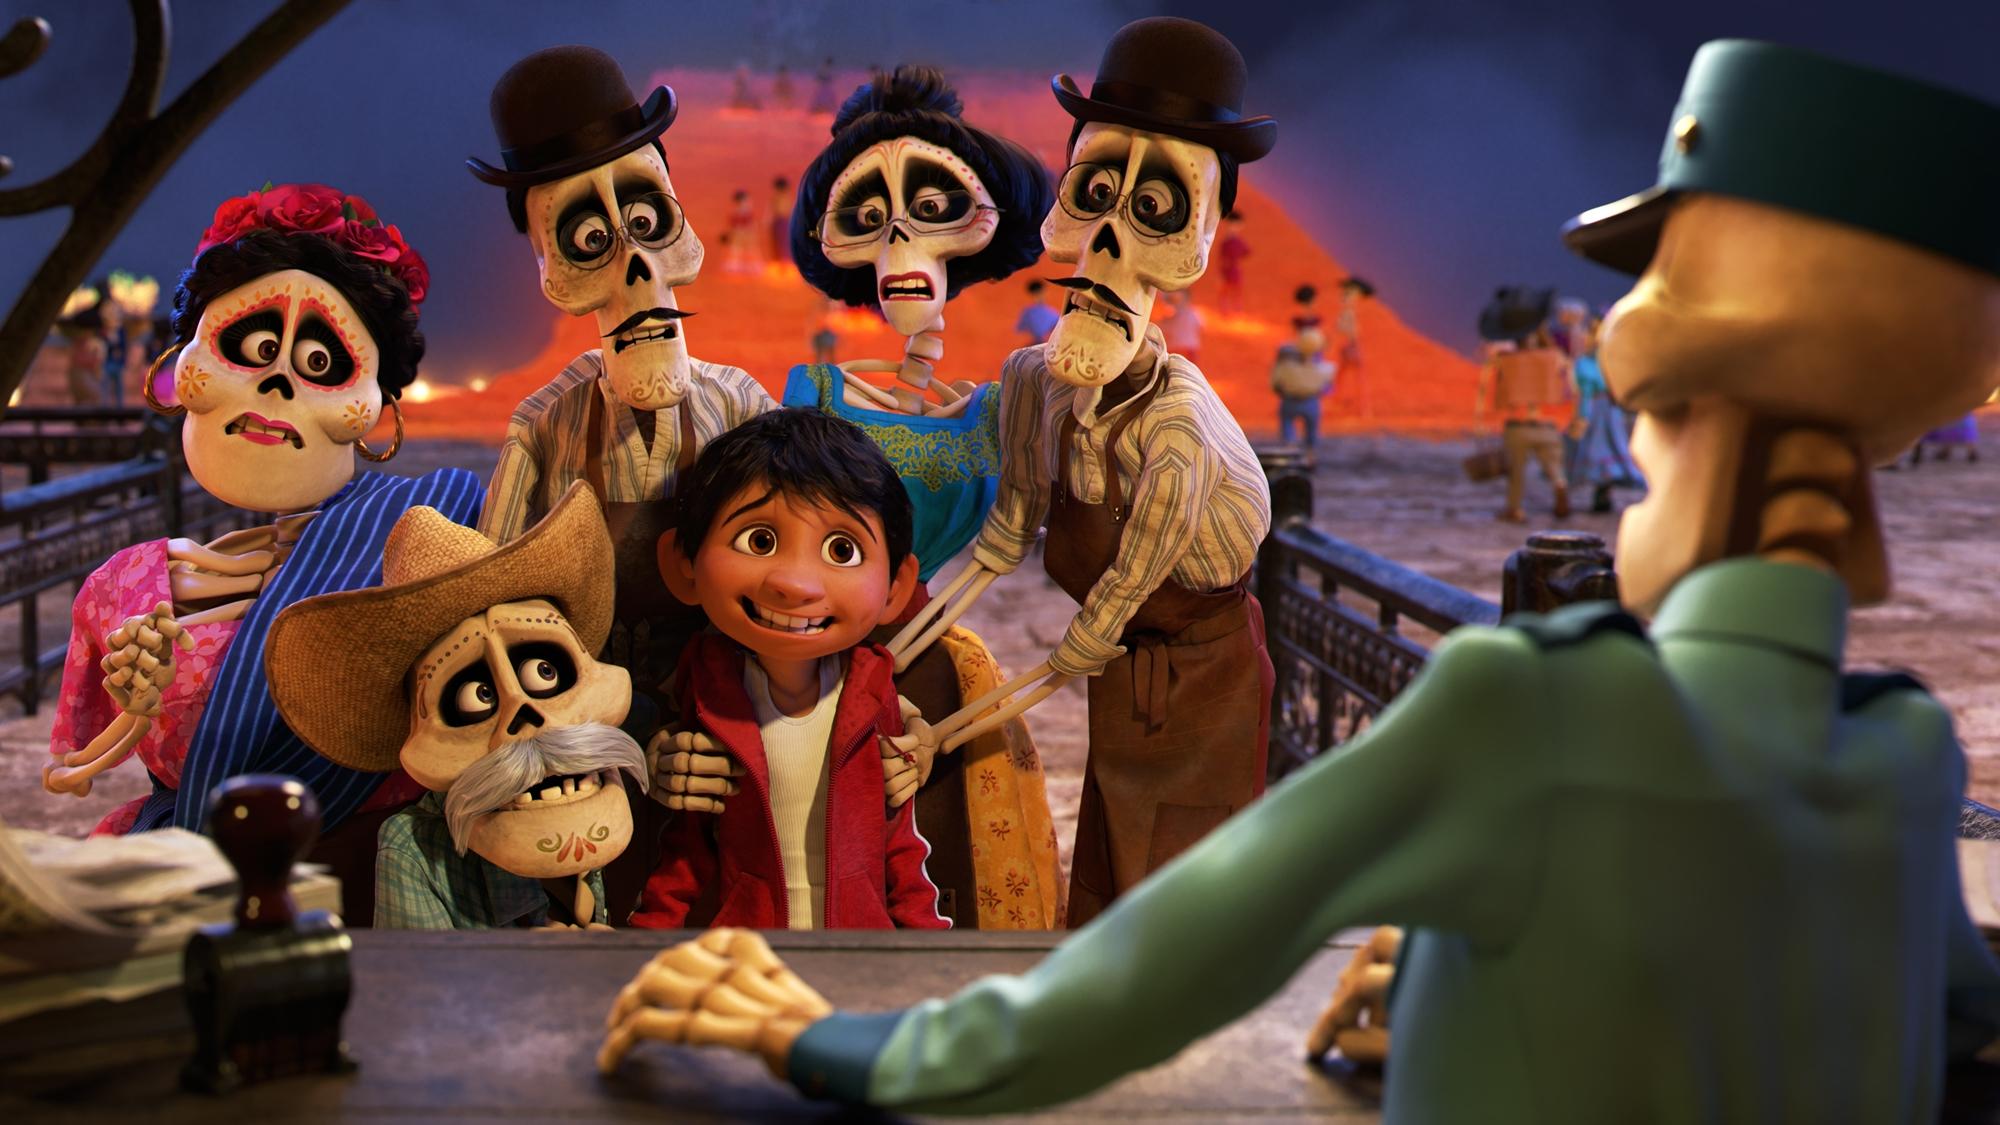 ENTREVISTA: El director de 'Coco' cuenta su viaje por el Mundo de los Muertos